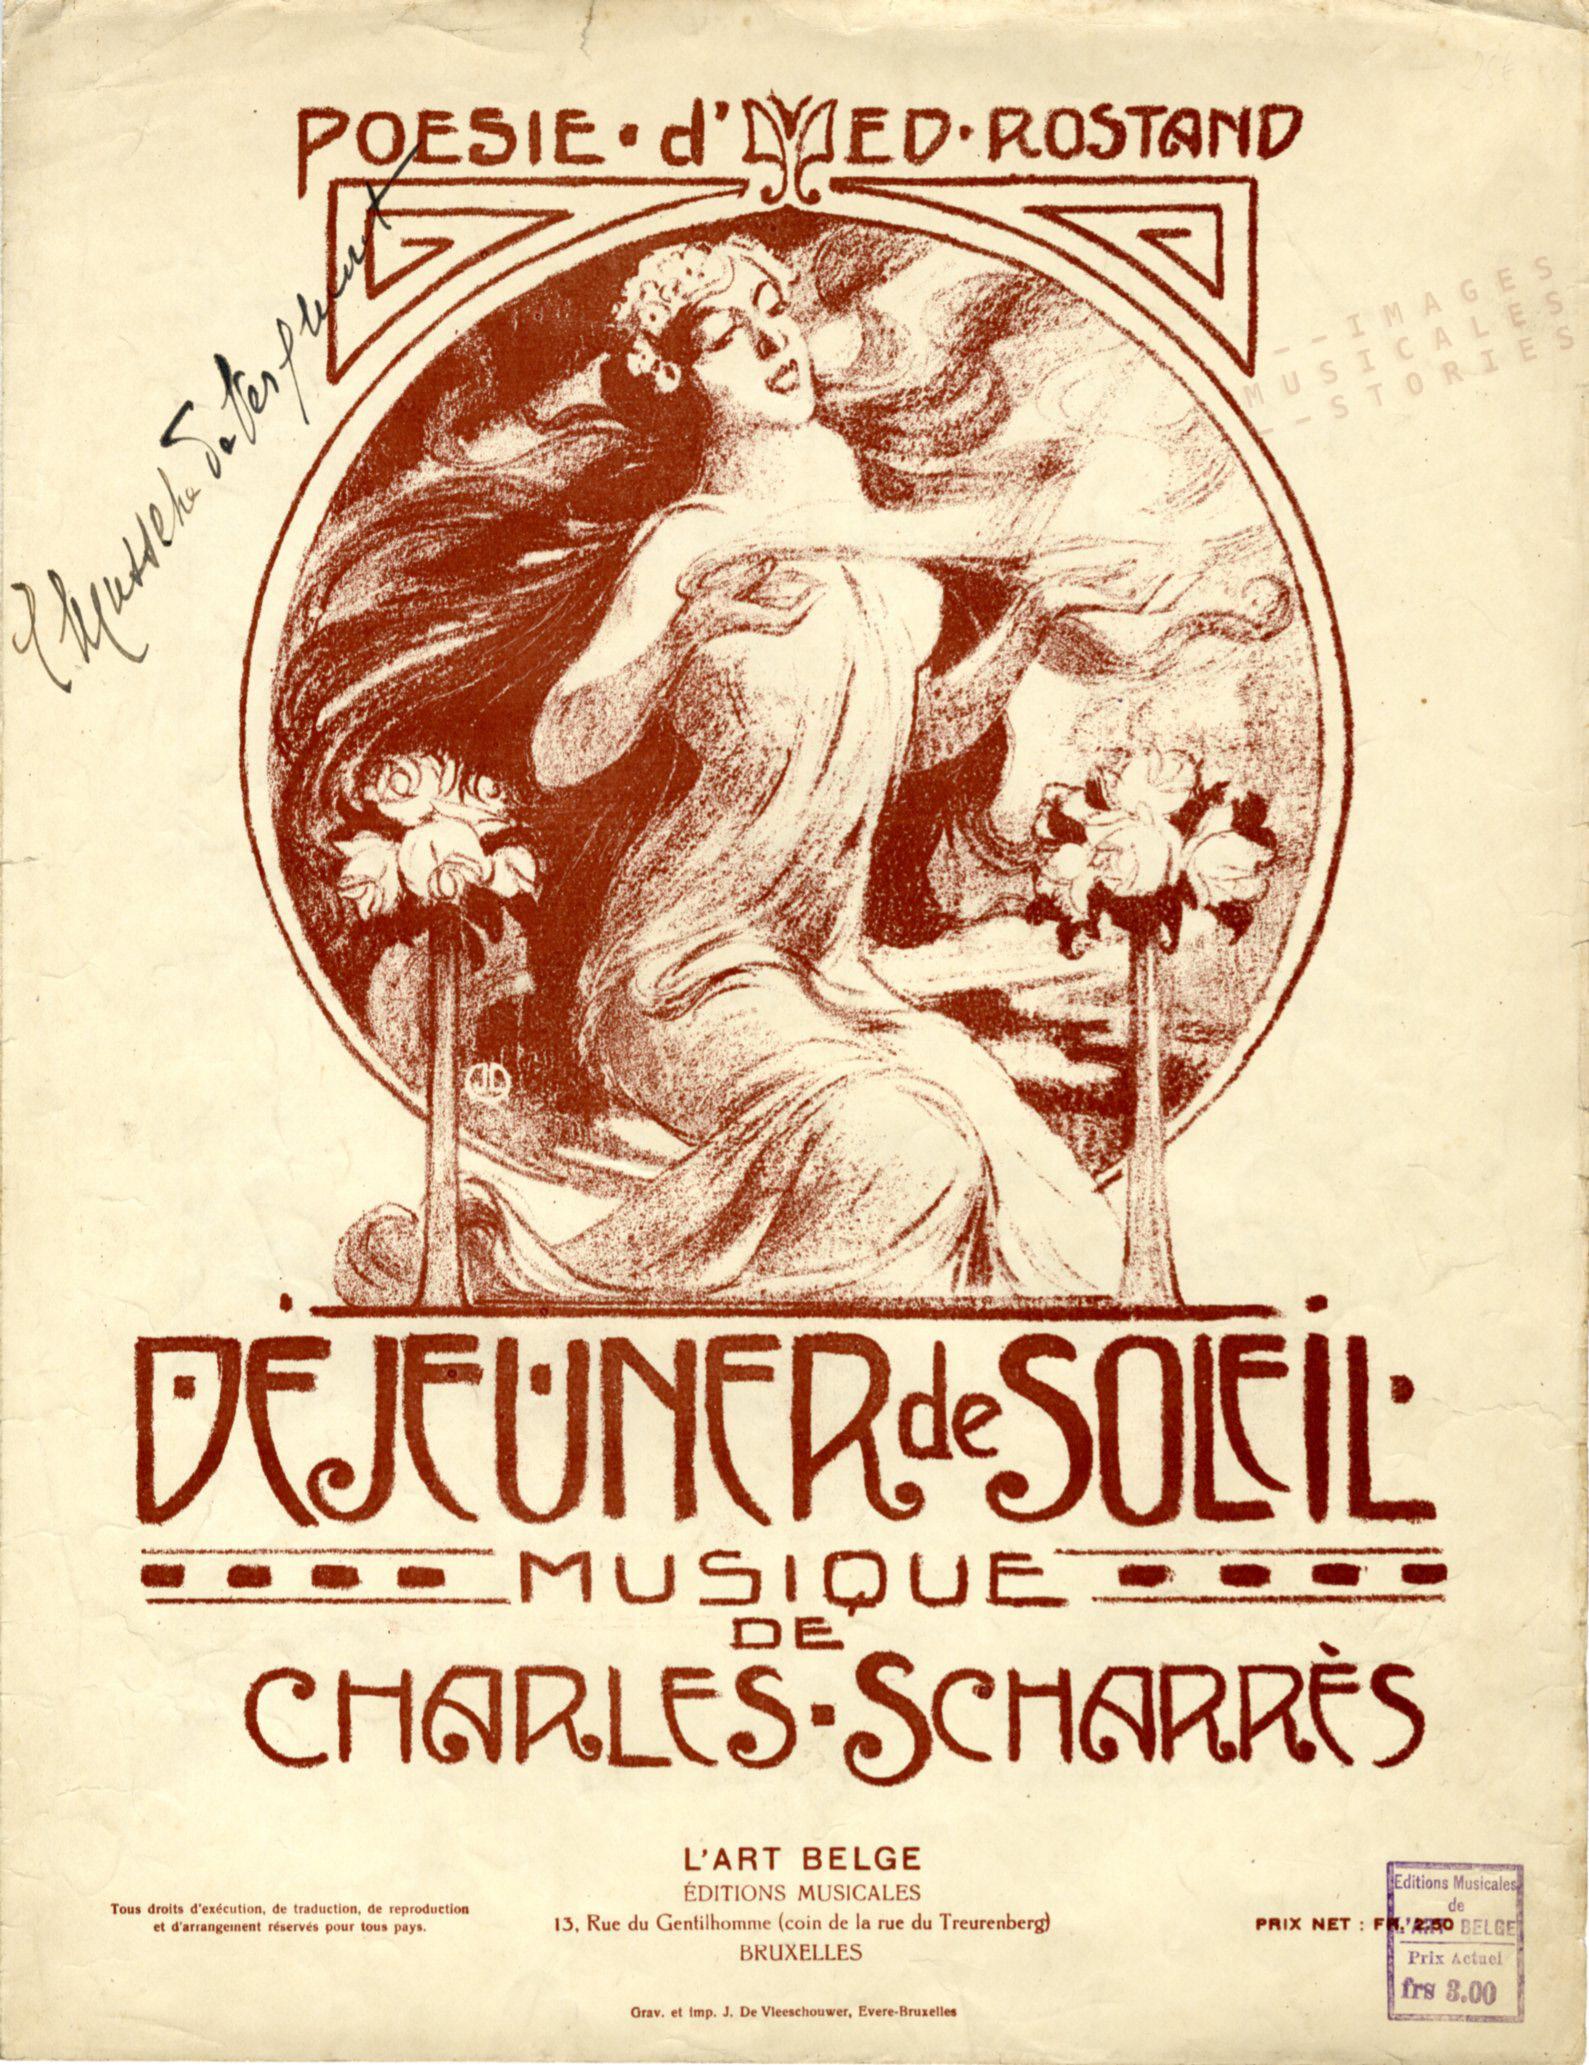 Illustration Jean Droit pour partition musicale de Charles Scharrès (1915)